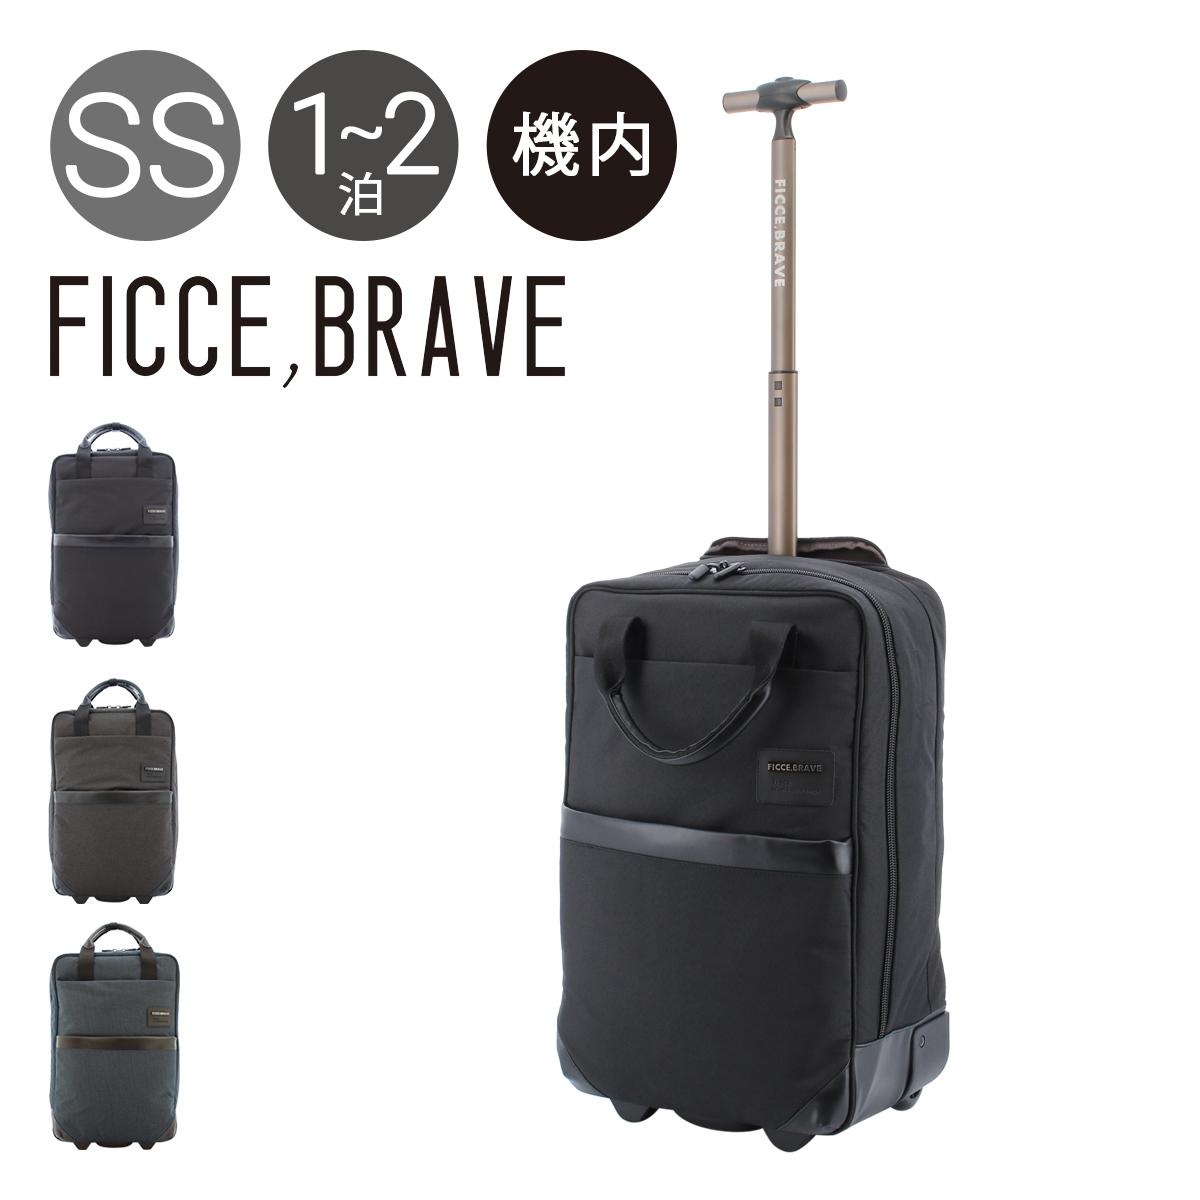 フィセブレイブ リュックキャリー 2WAY メンズ レディースF-276 Ficce Brave | スーツケース 機内持ち込み キャリーバッグ キャリーケース [PO5][即日発送]